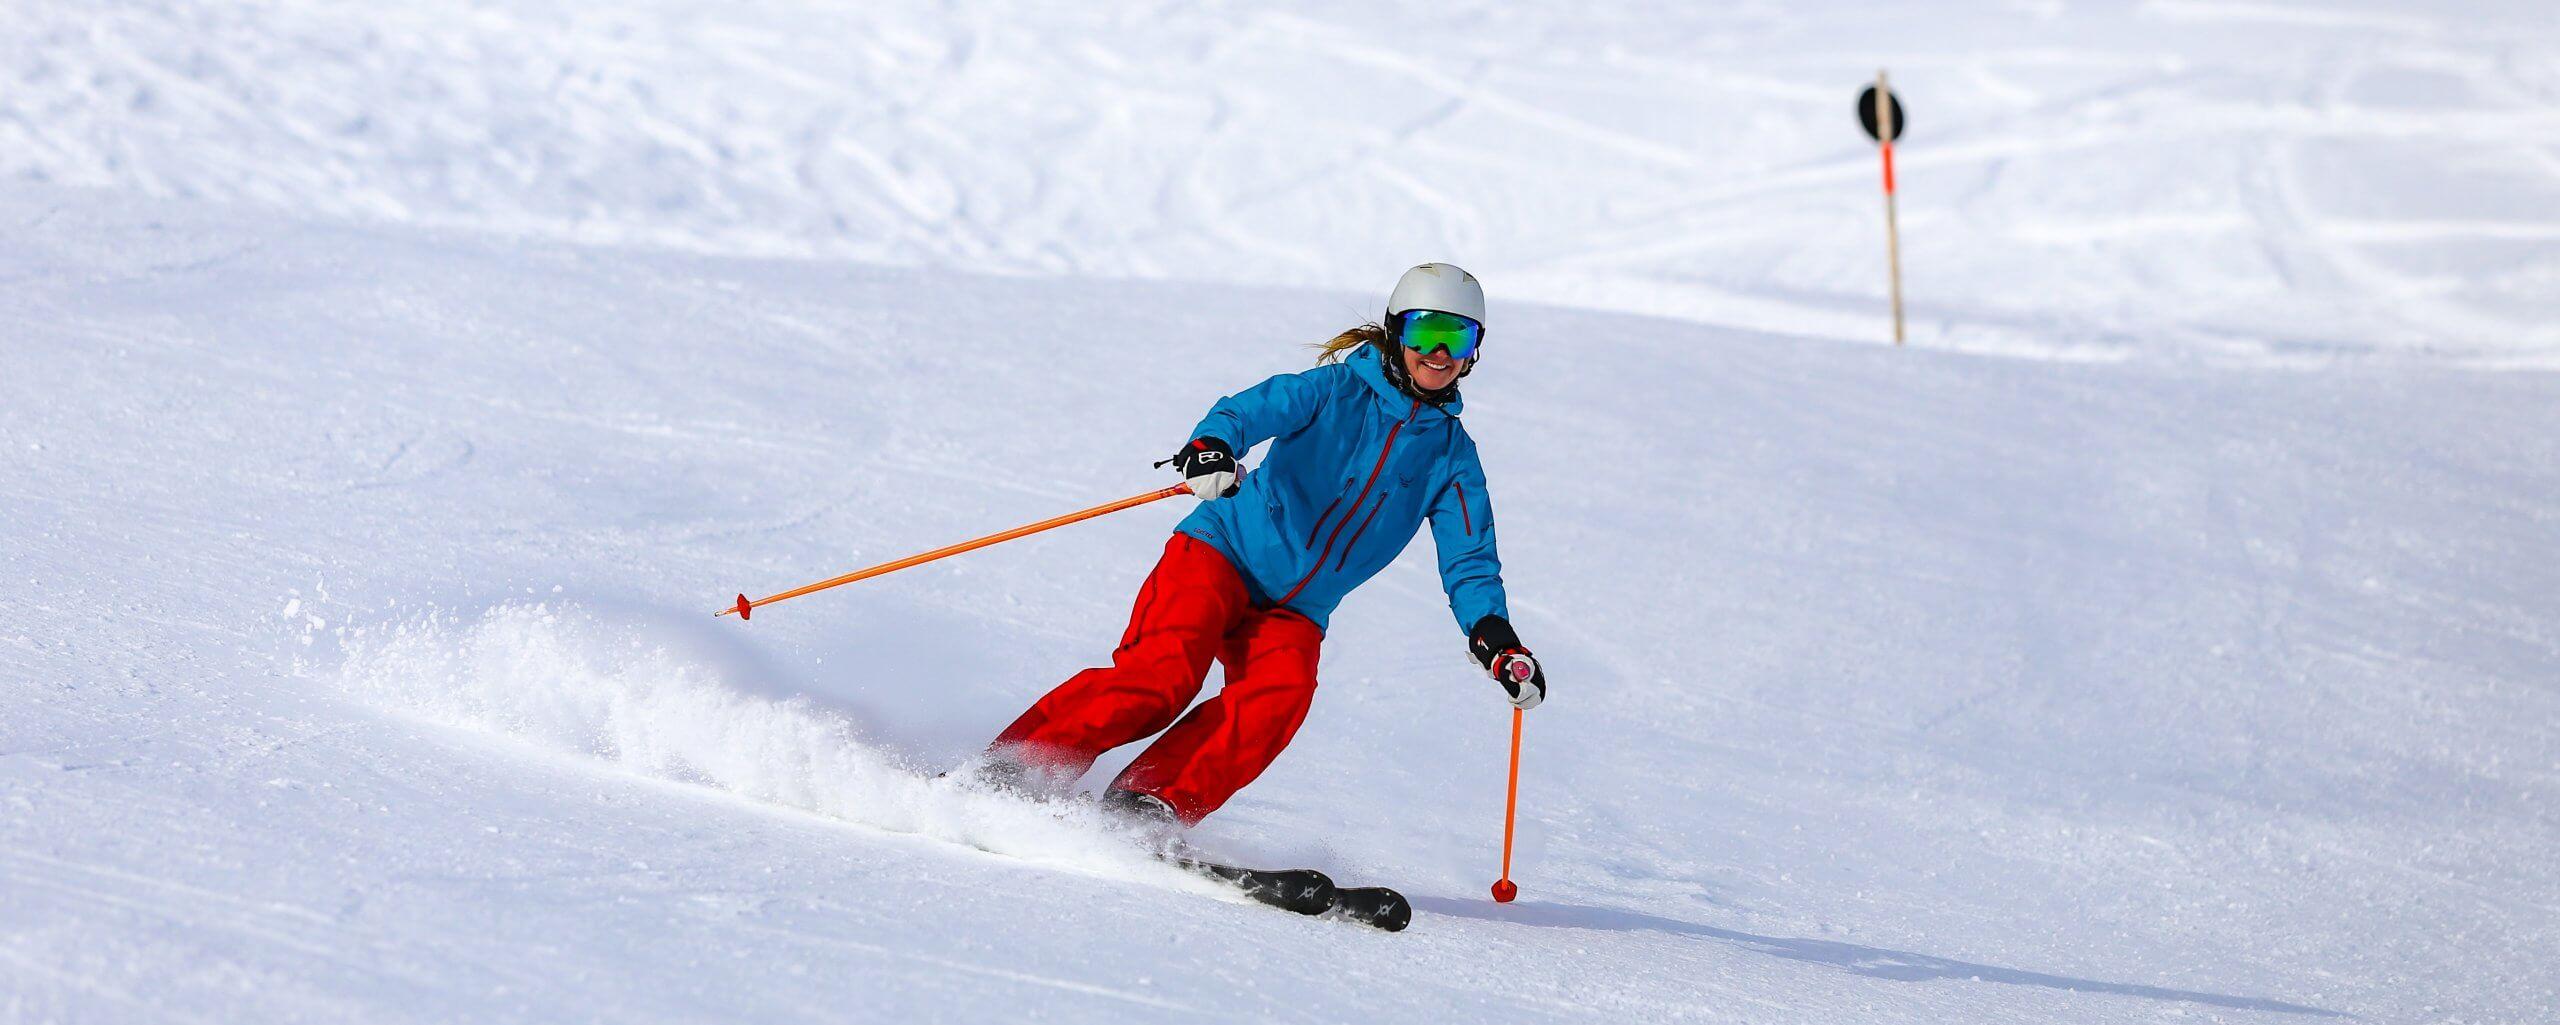 5 lijstje wintersport klagen